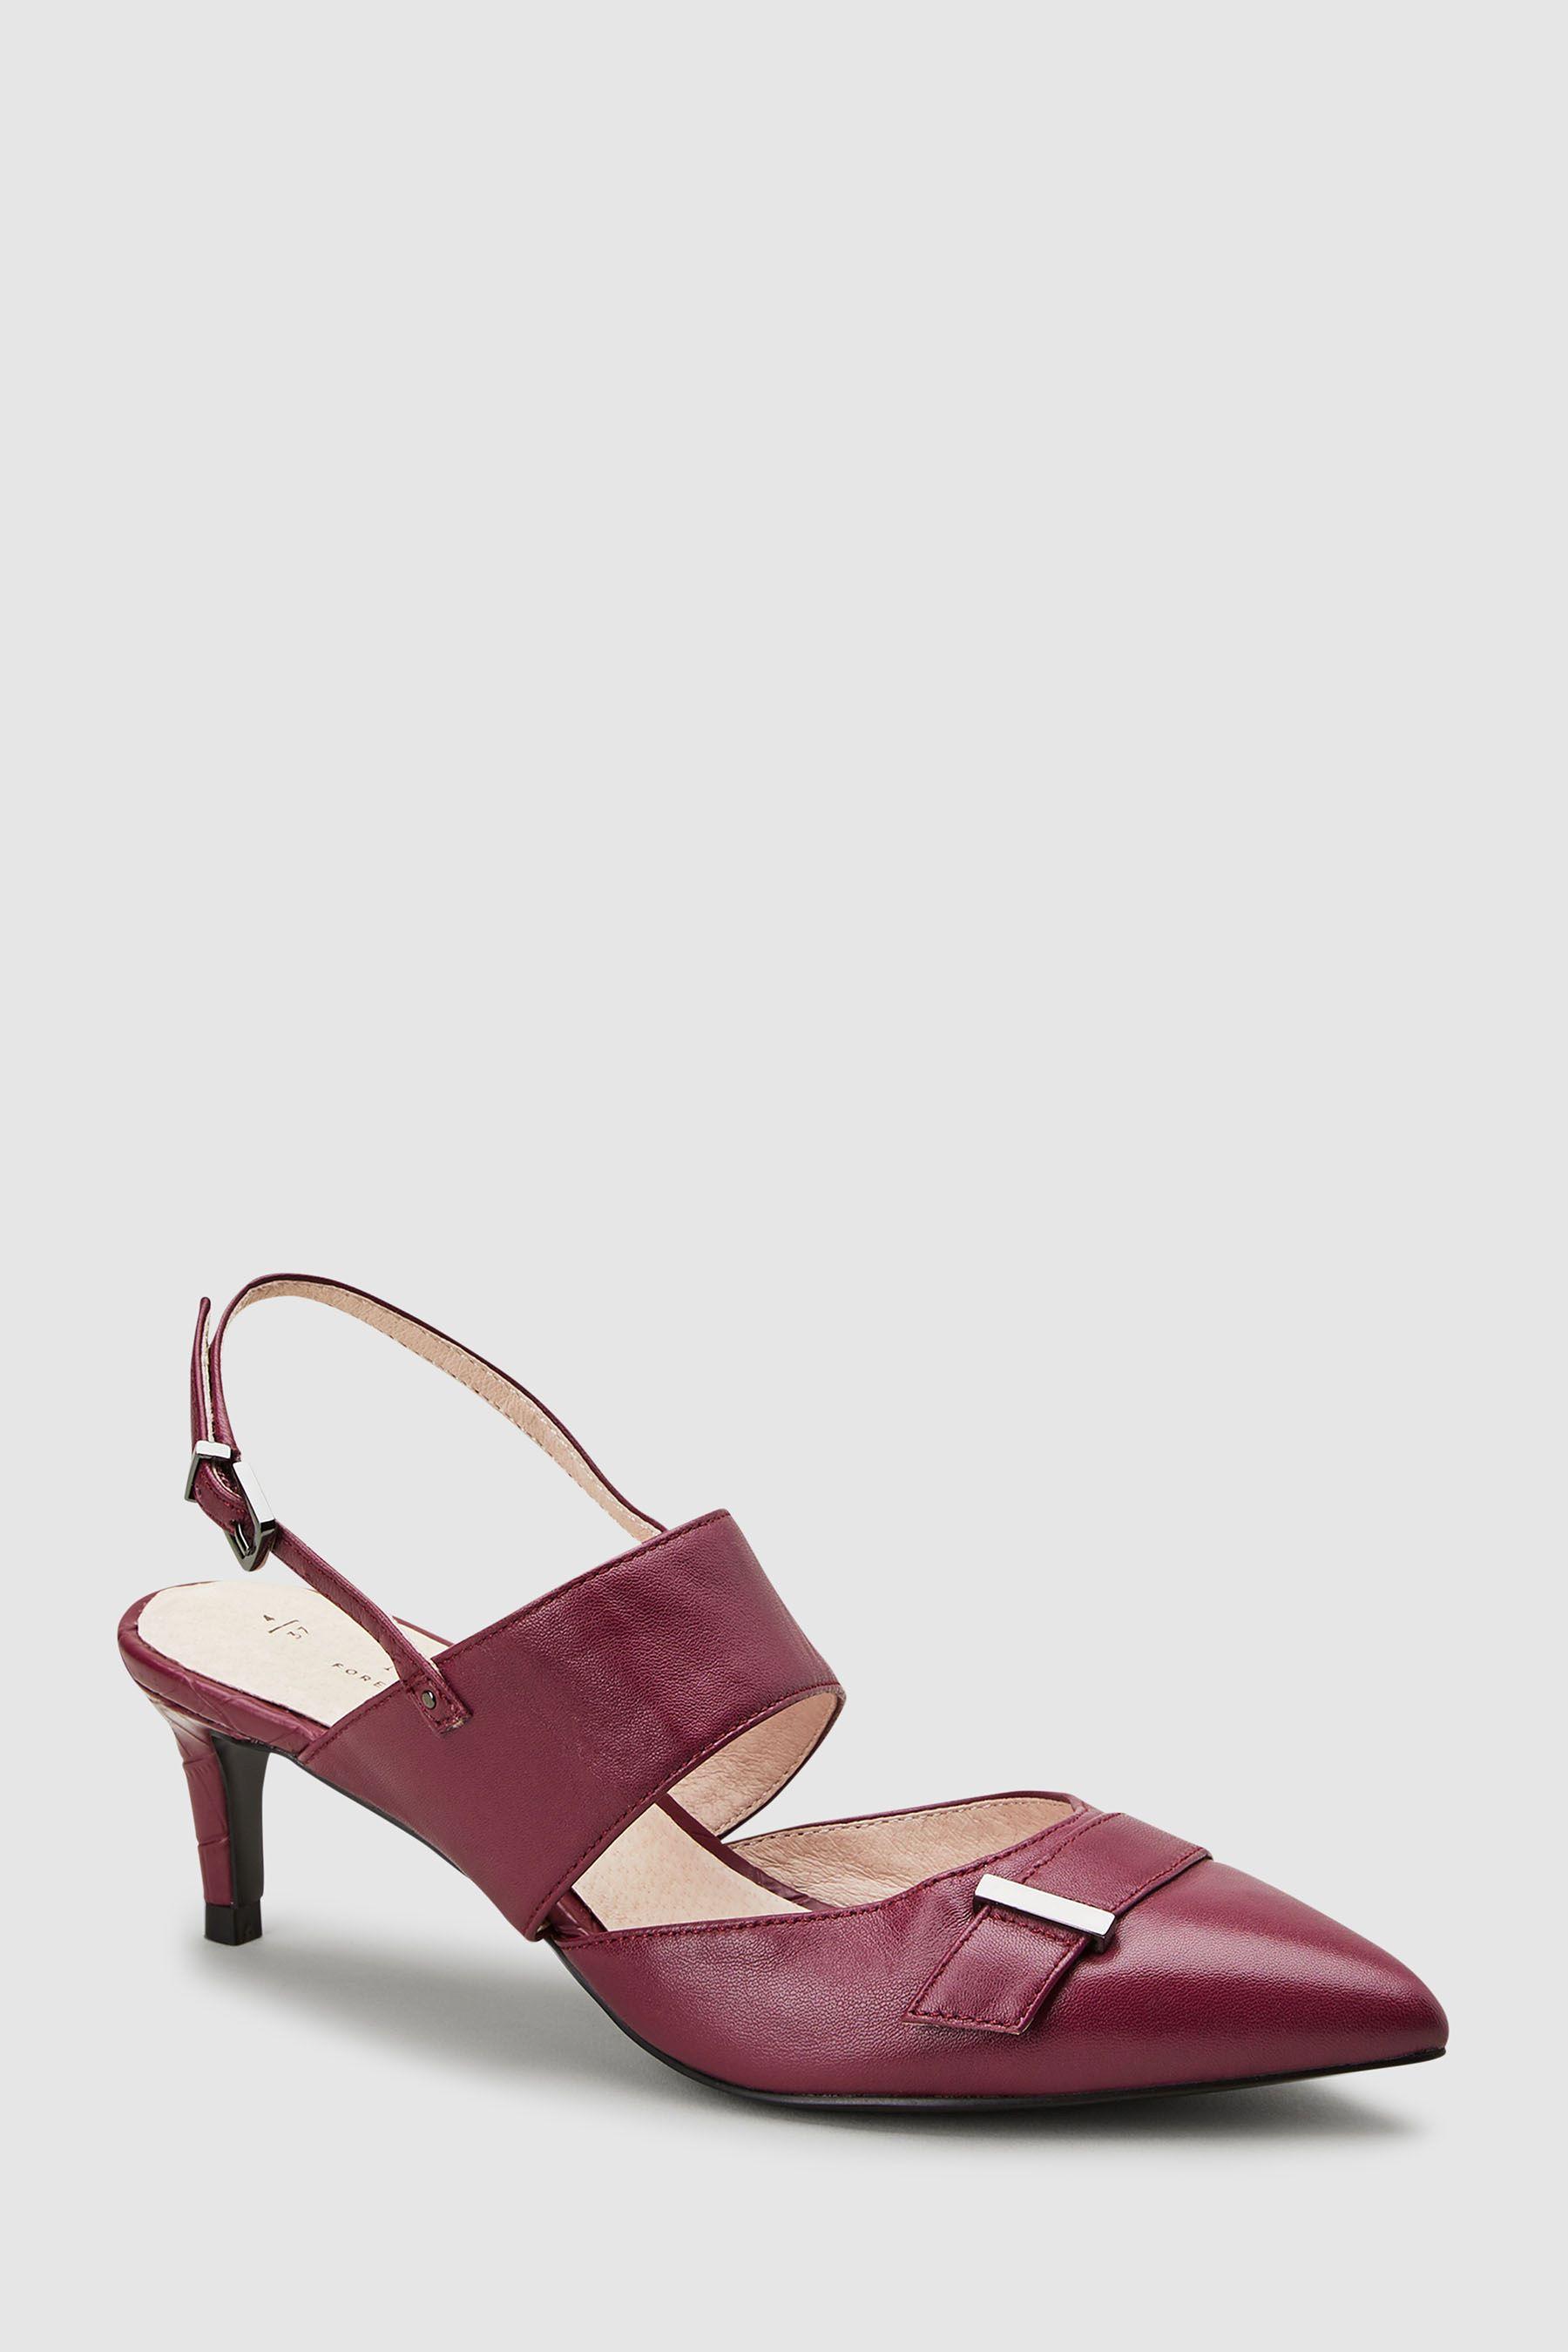 23b7a5f3d54b Womens Next Plum Leather Hardware Kitten Heels - Purple